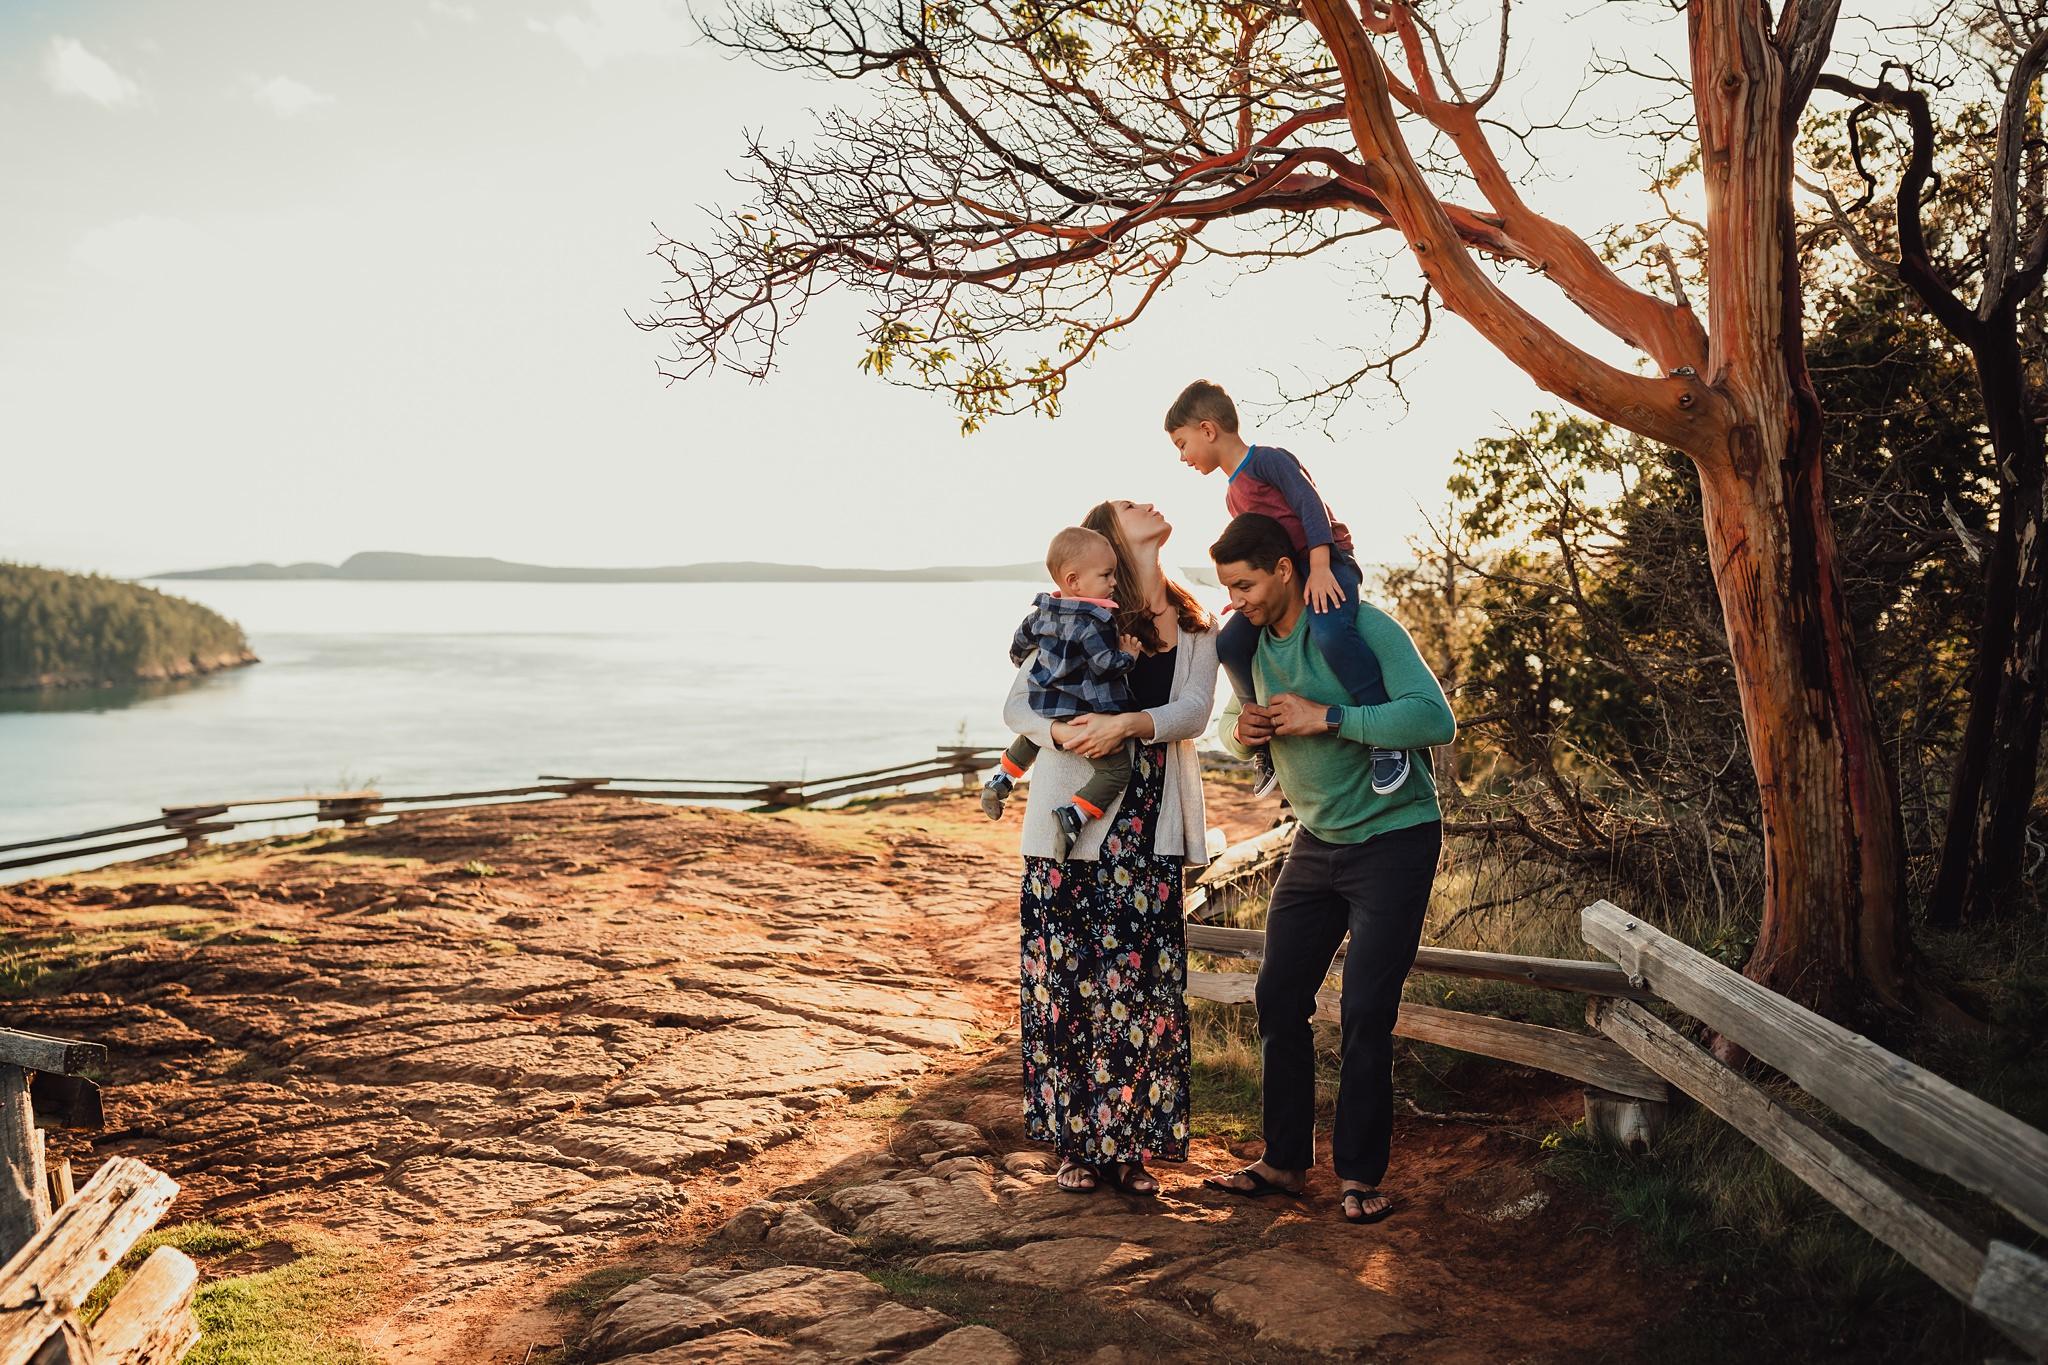 family photography at Washington Park